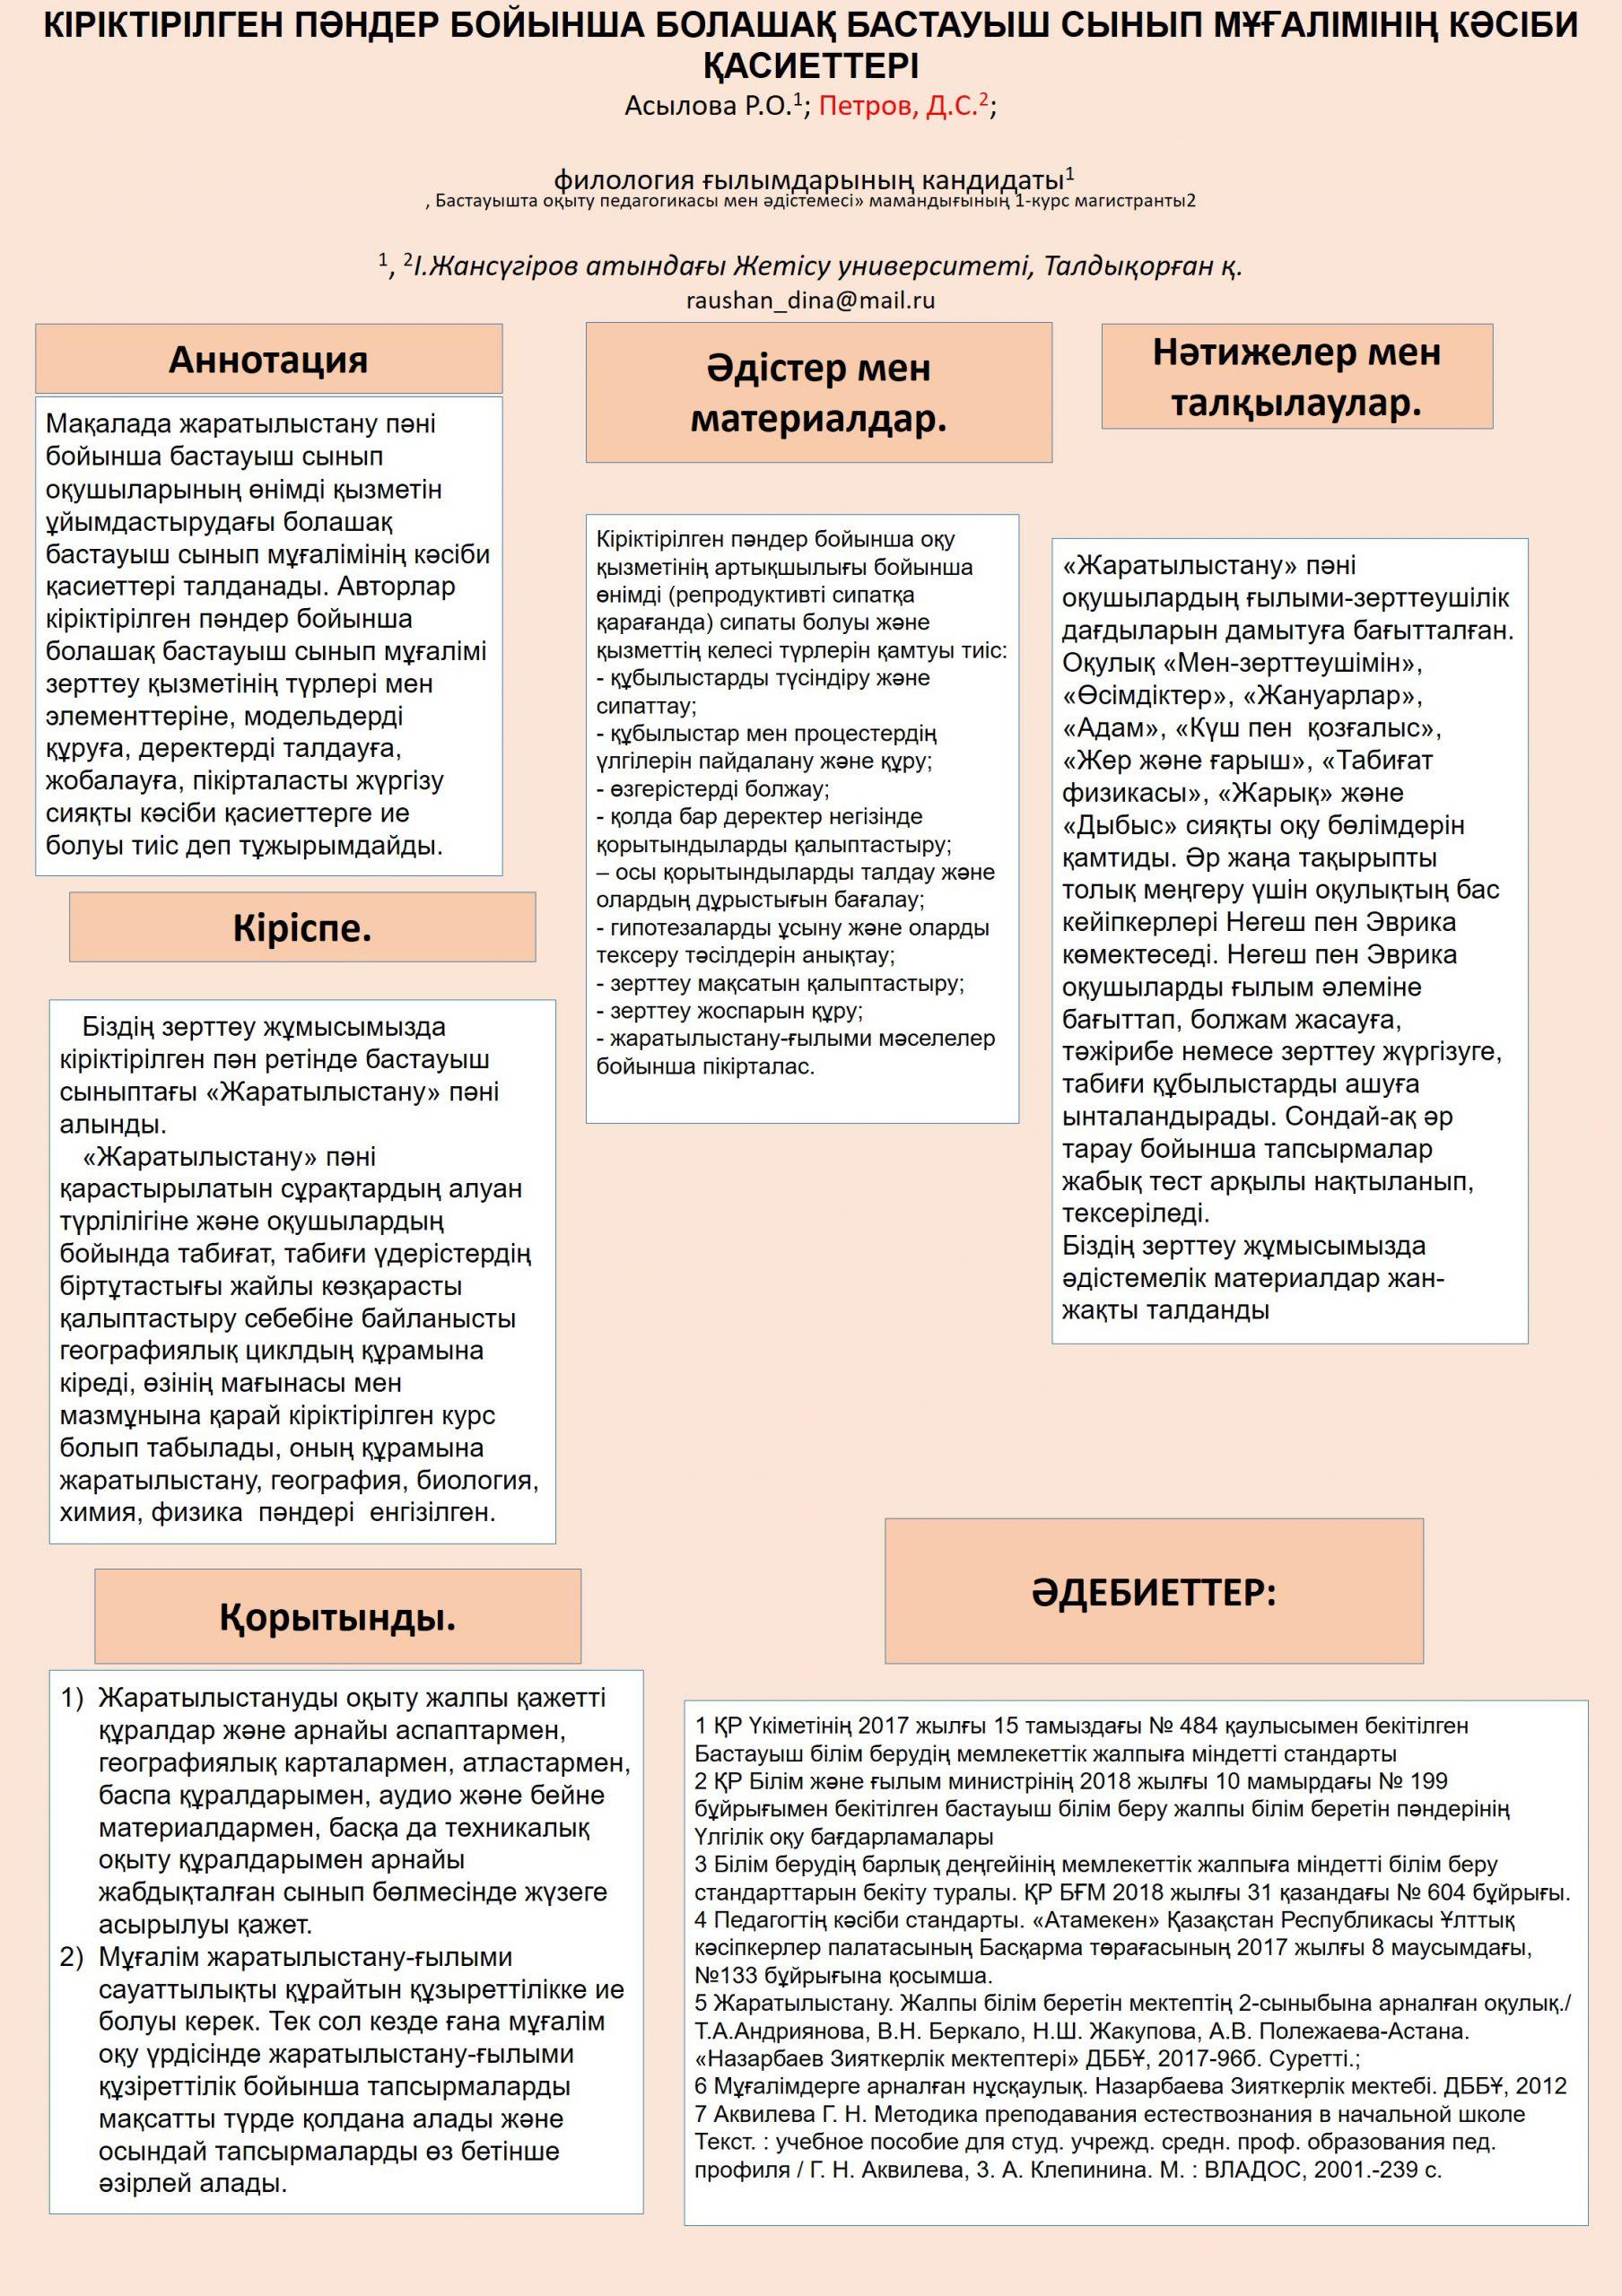 1-место-Амирбаева-А.-scaled